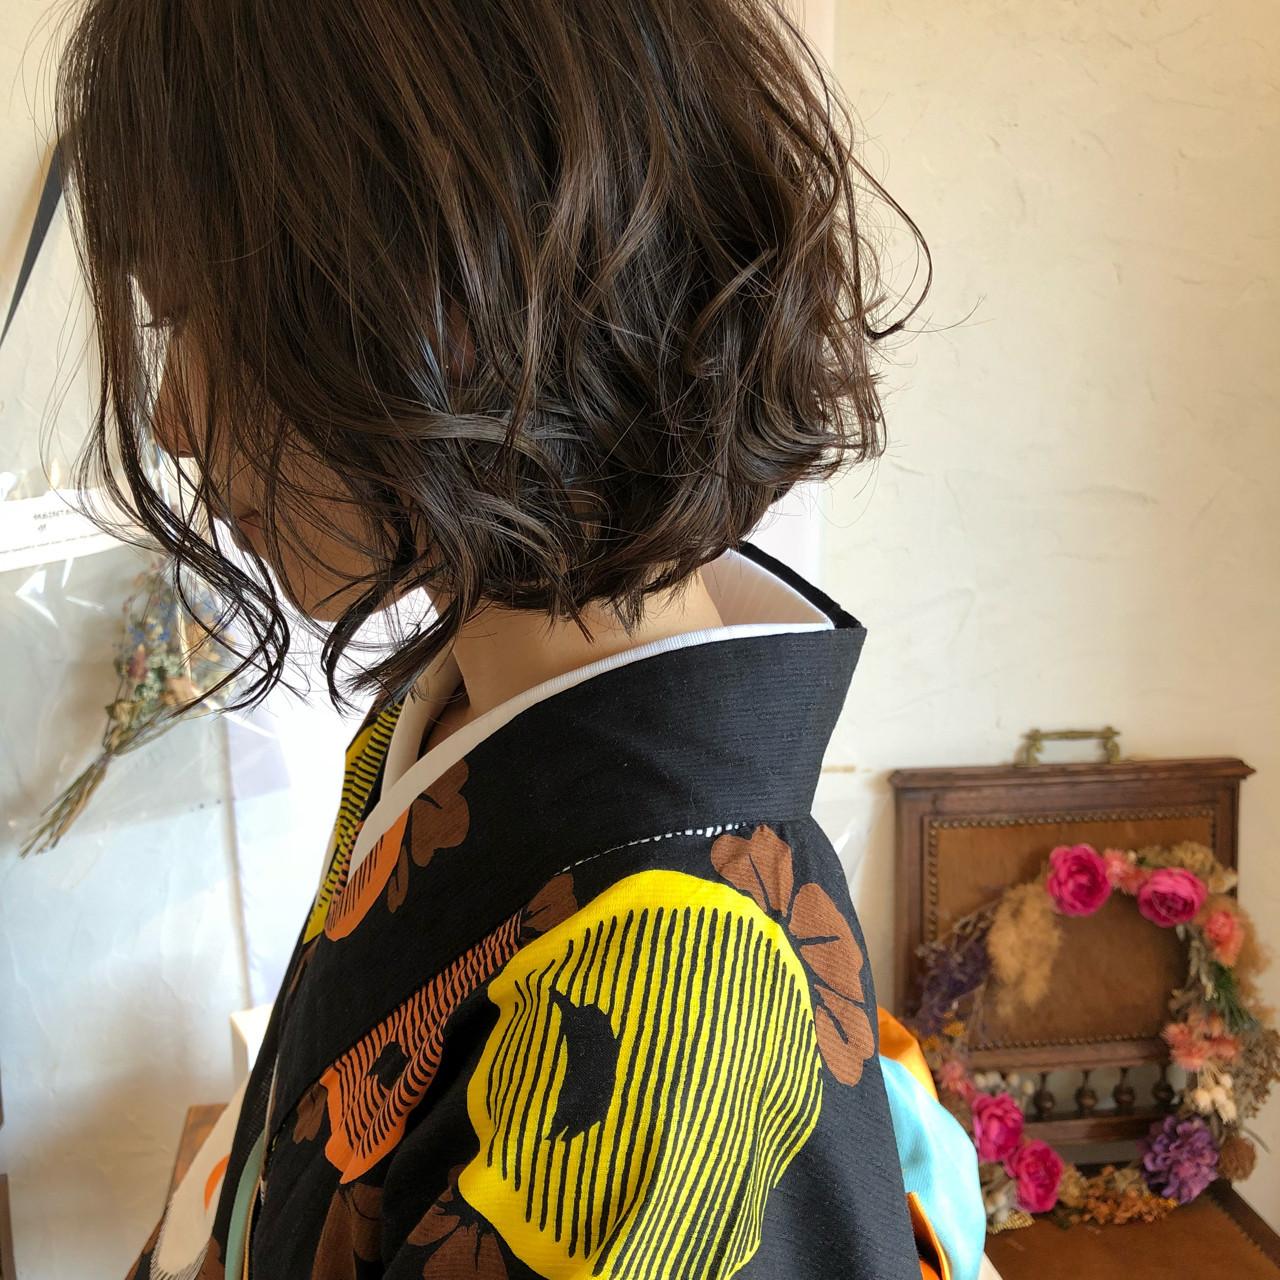 ボブアレンジならふんわりプラスで魅力的に 川内道子 instagram→michiko_k